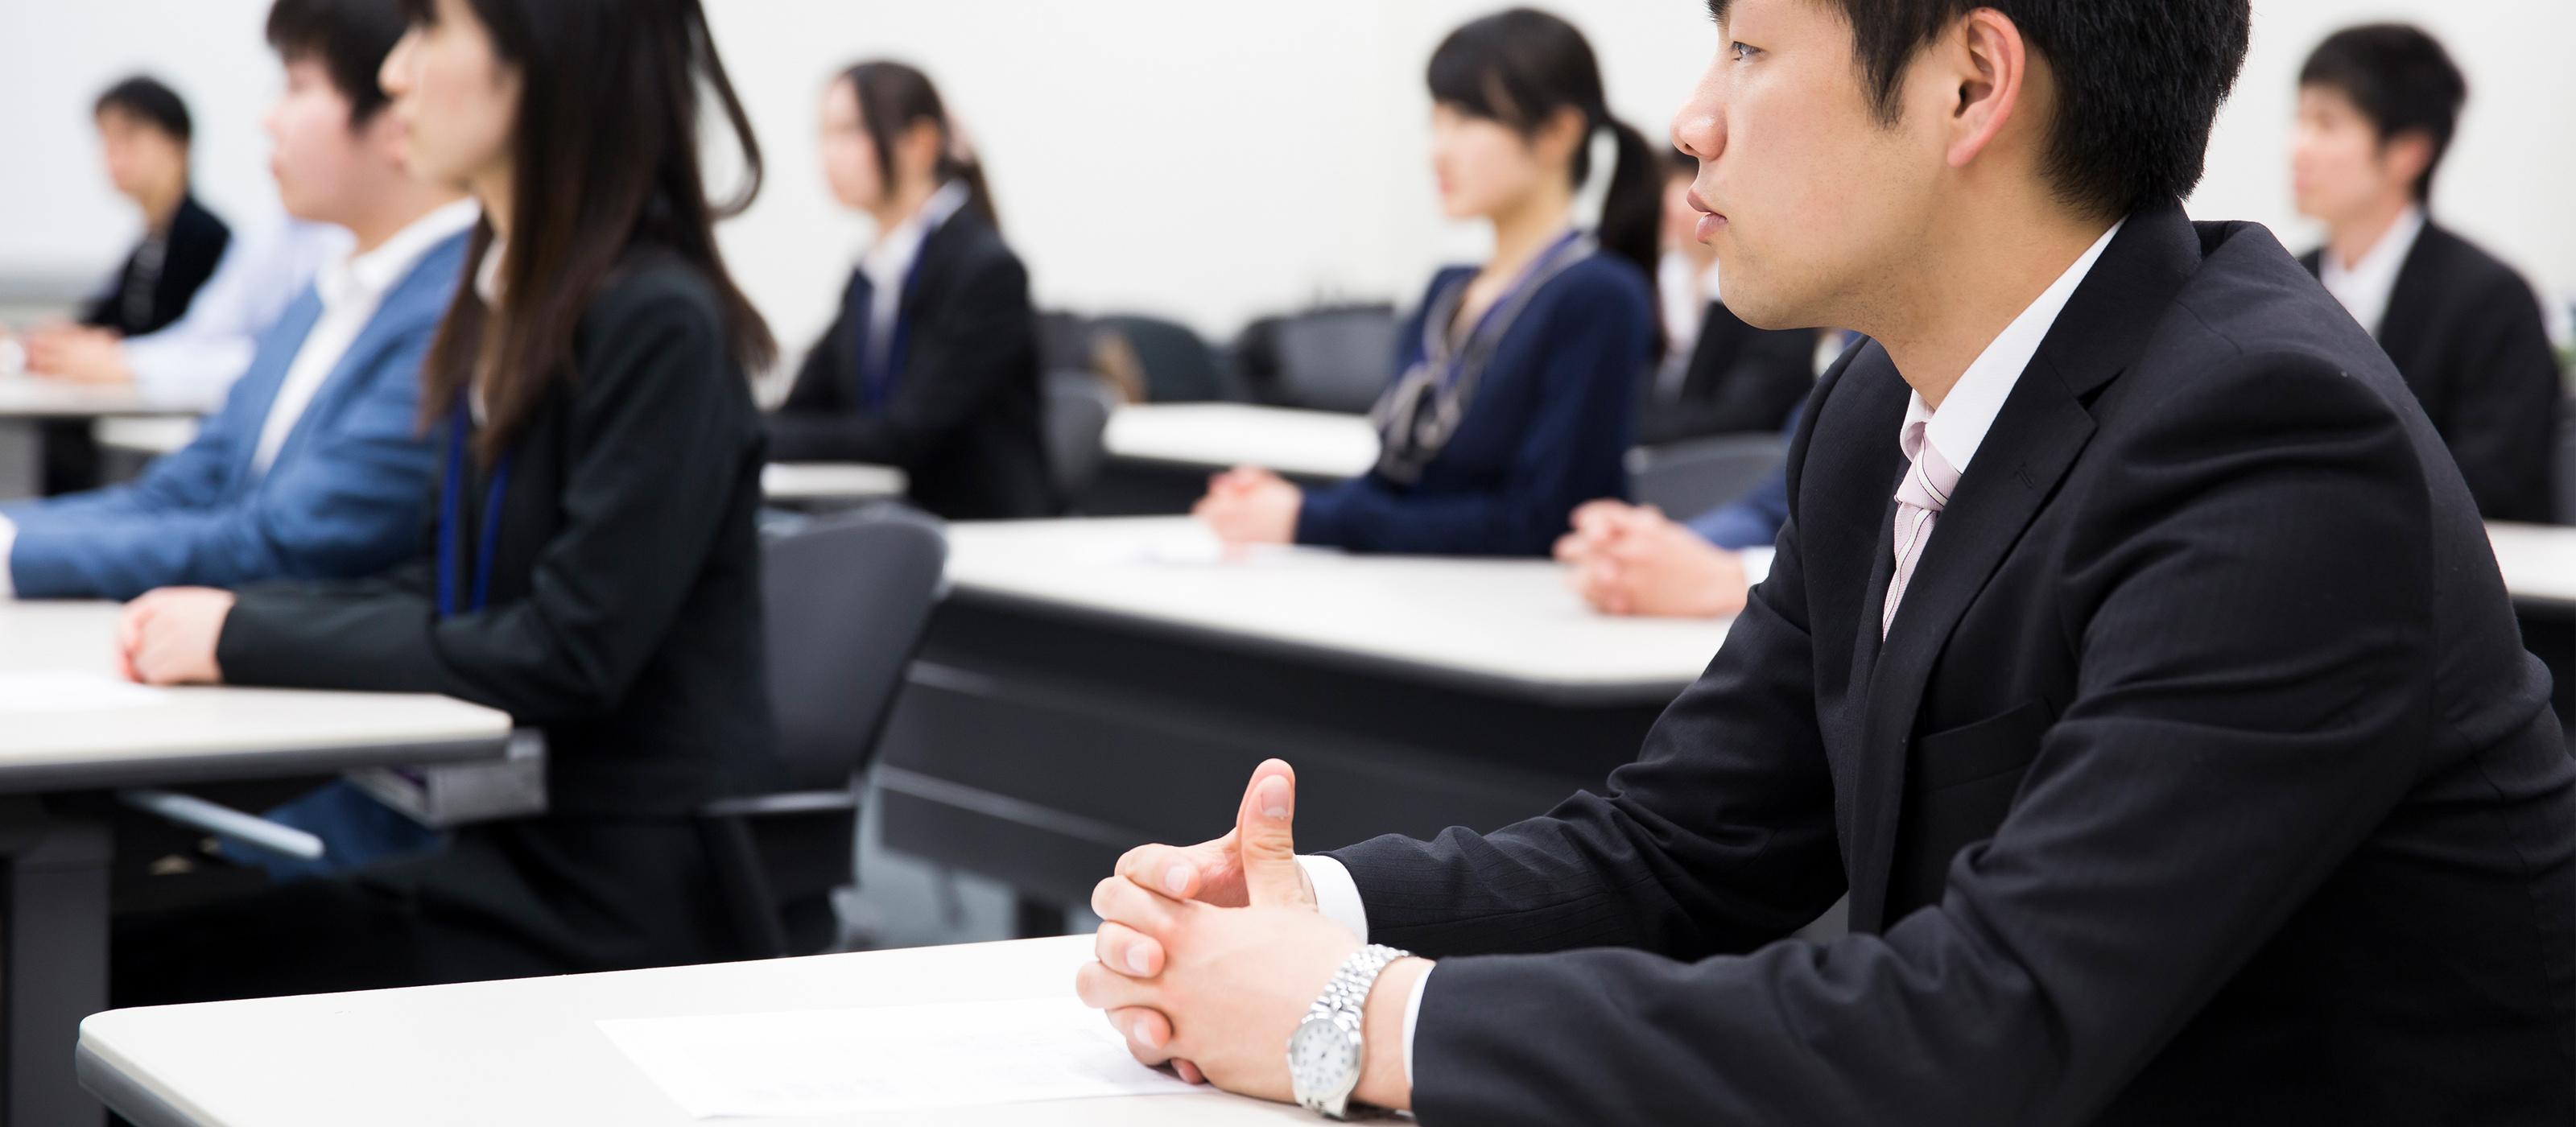 3.研修講師・能力開発、組織活性化支援